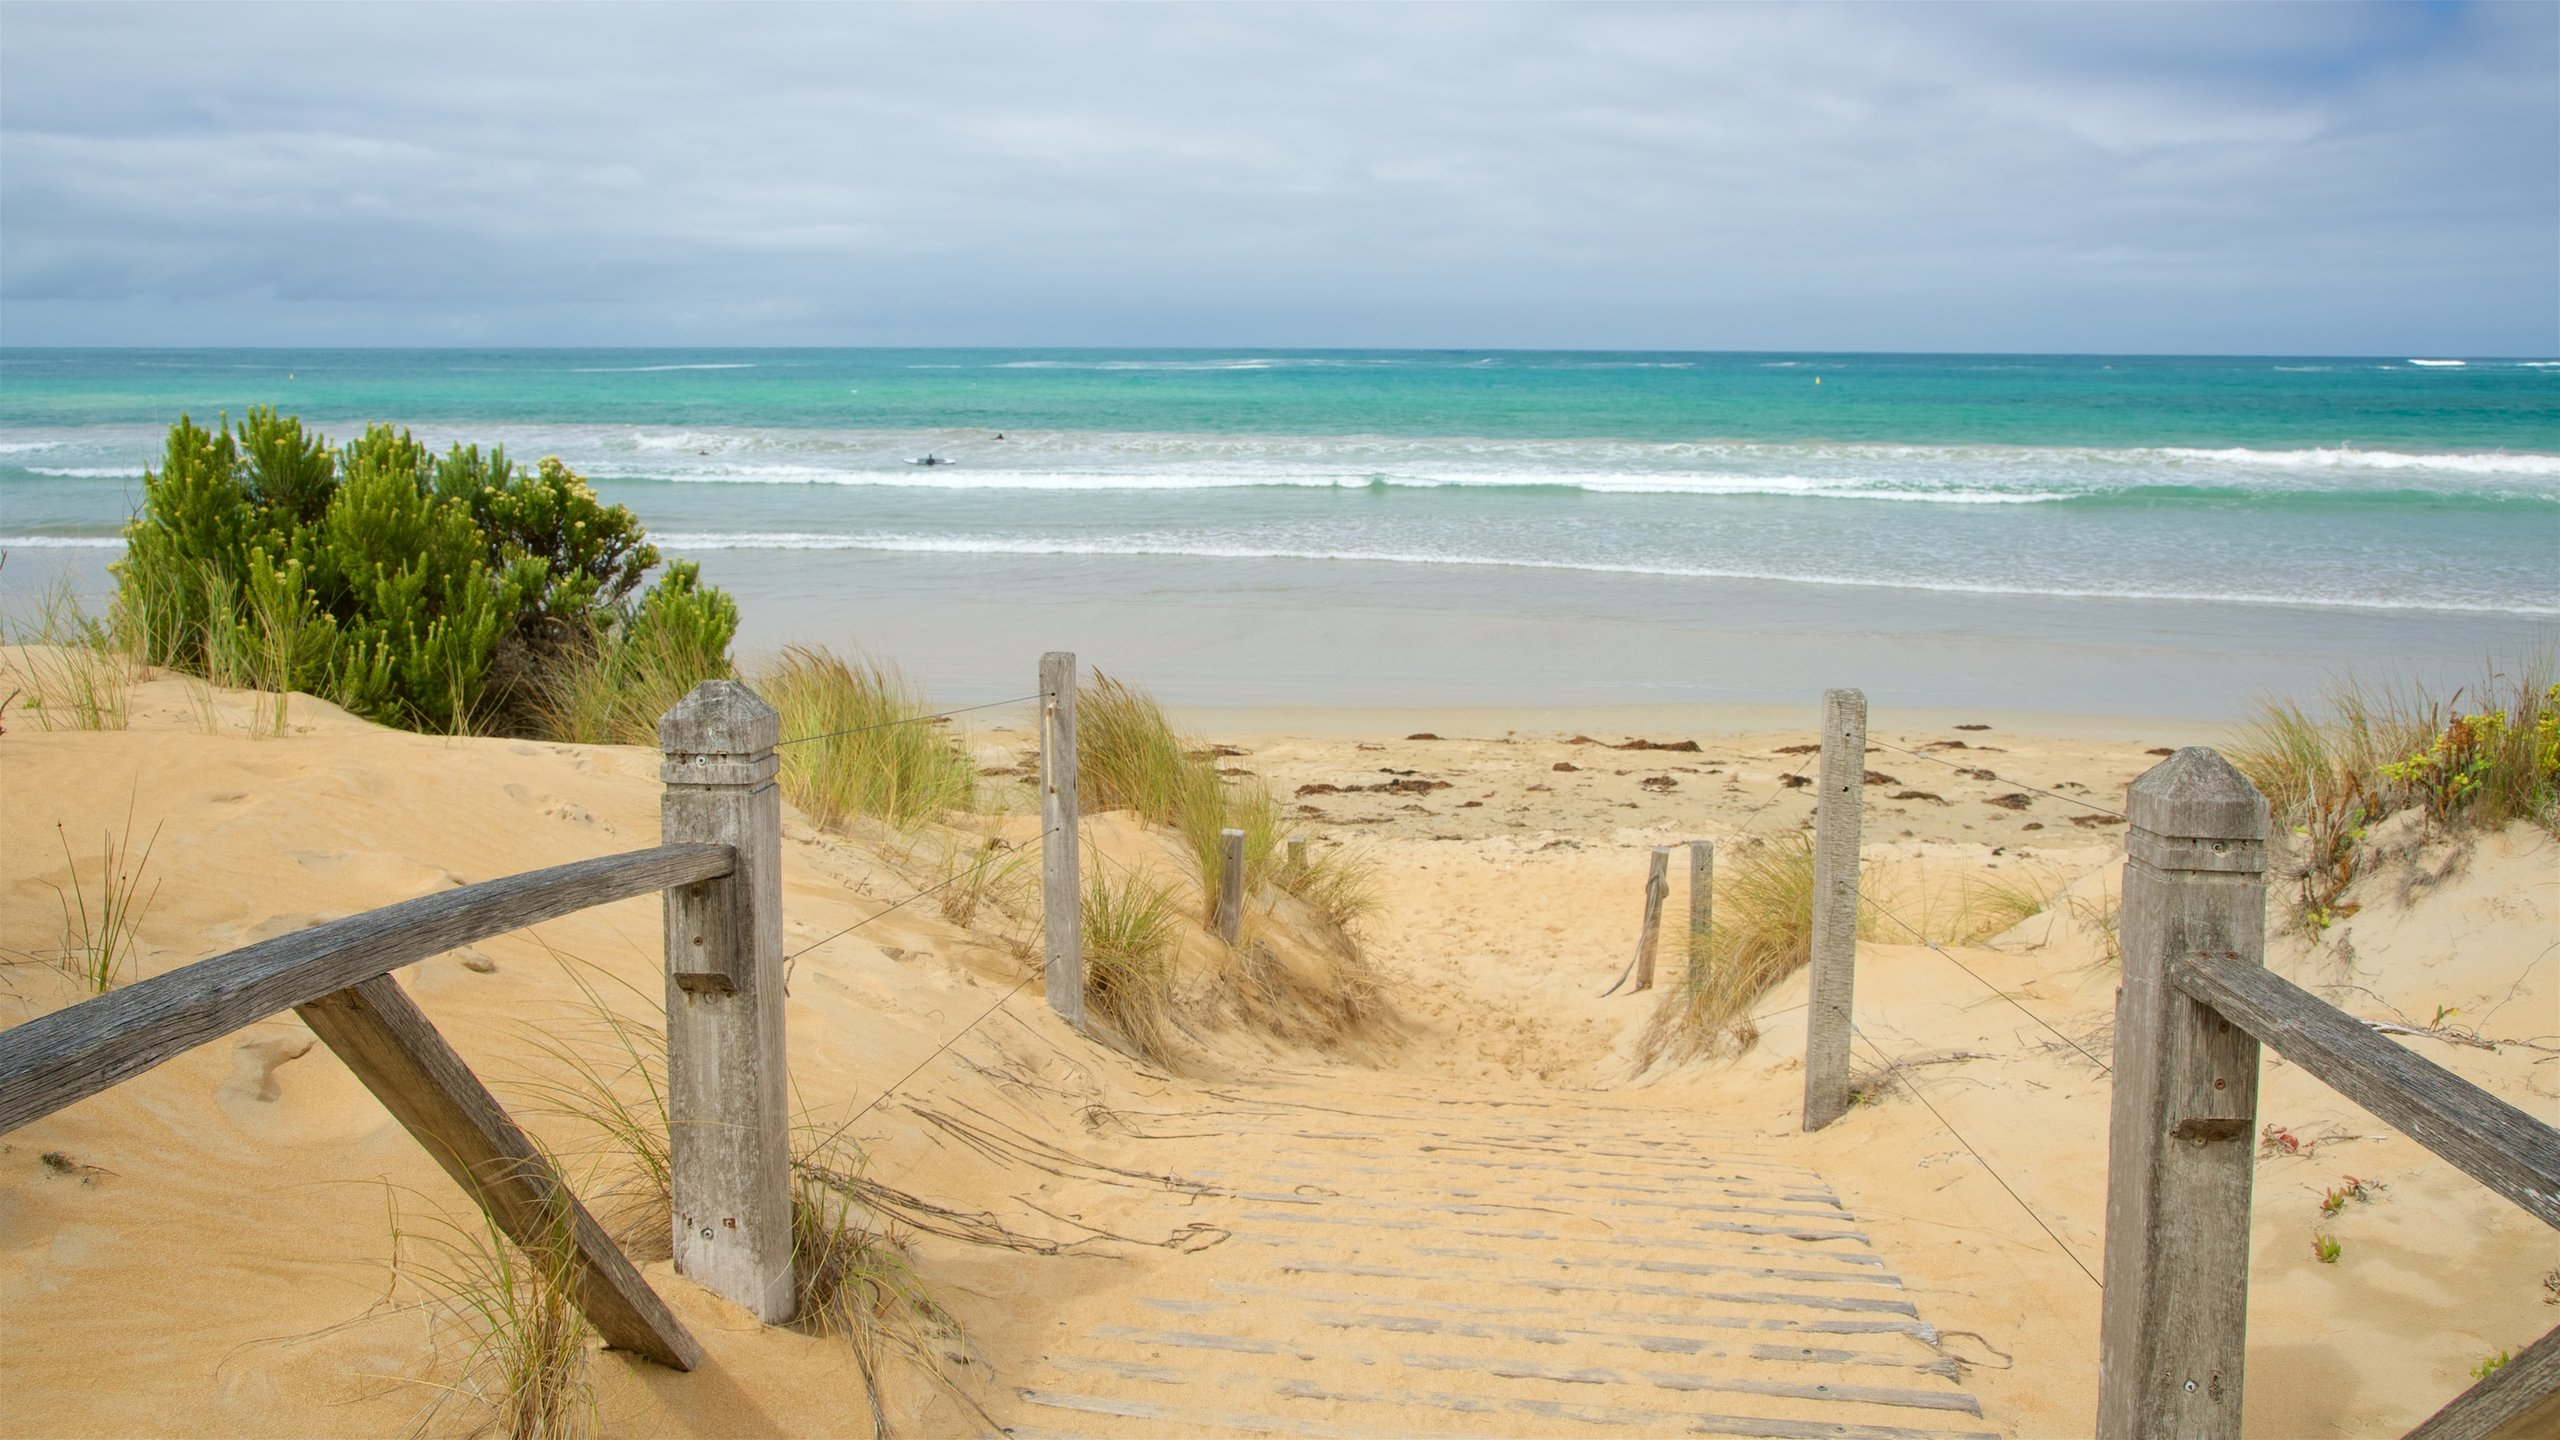 Warrnambool Beach, Warrnambool, Victoria, Australia